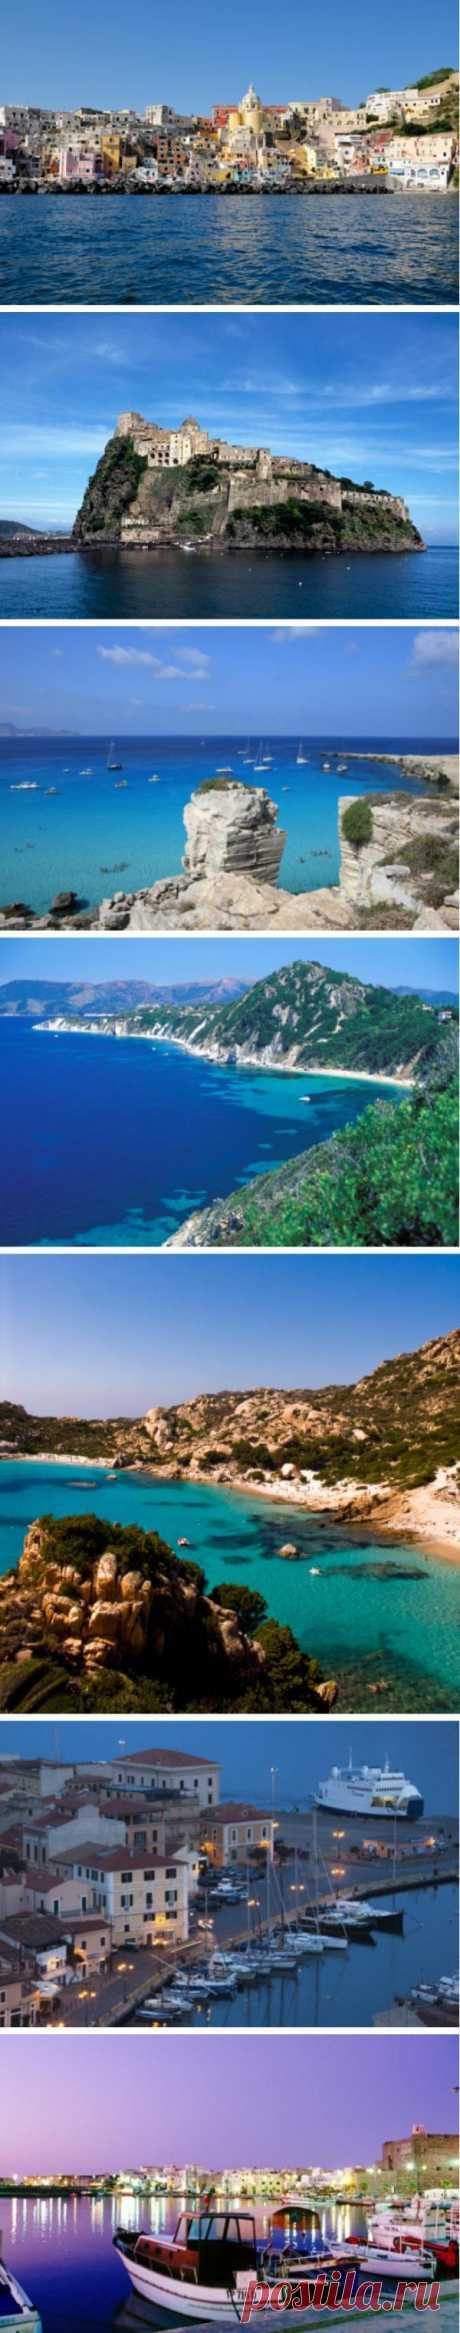 La isla Pantelleriya, la perla negra de Italia